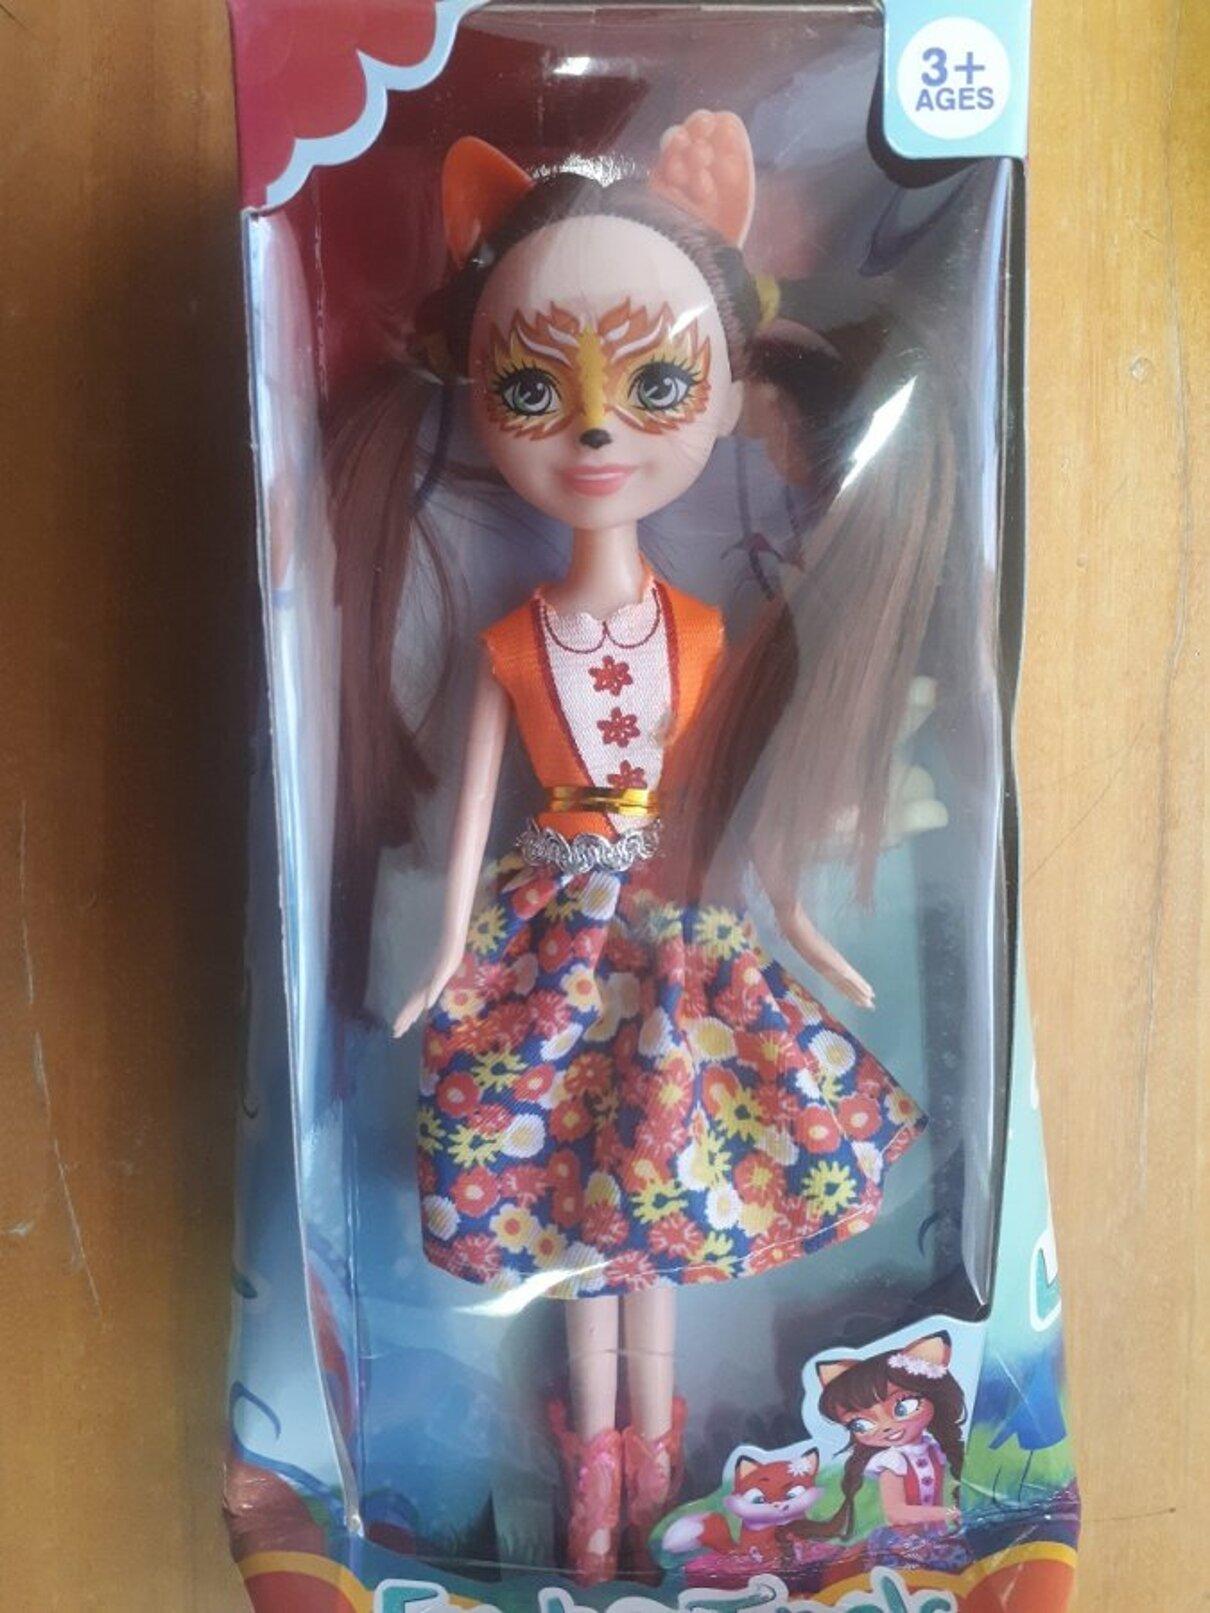 Жалоба-отзыв: Коллекционные куклы Blythe - Ожидание и реальность. Мошенничество чистой воды!.  Фото №5